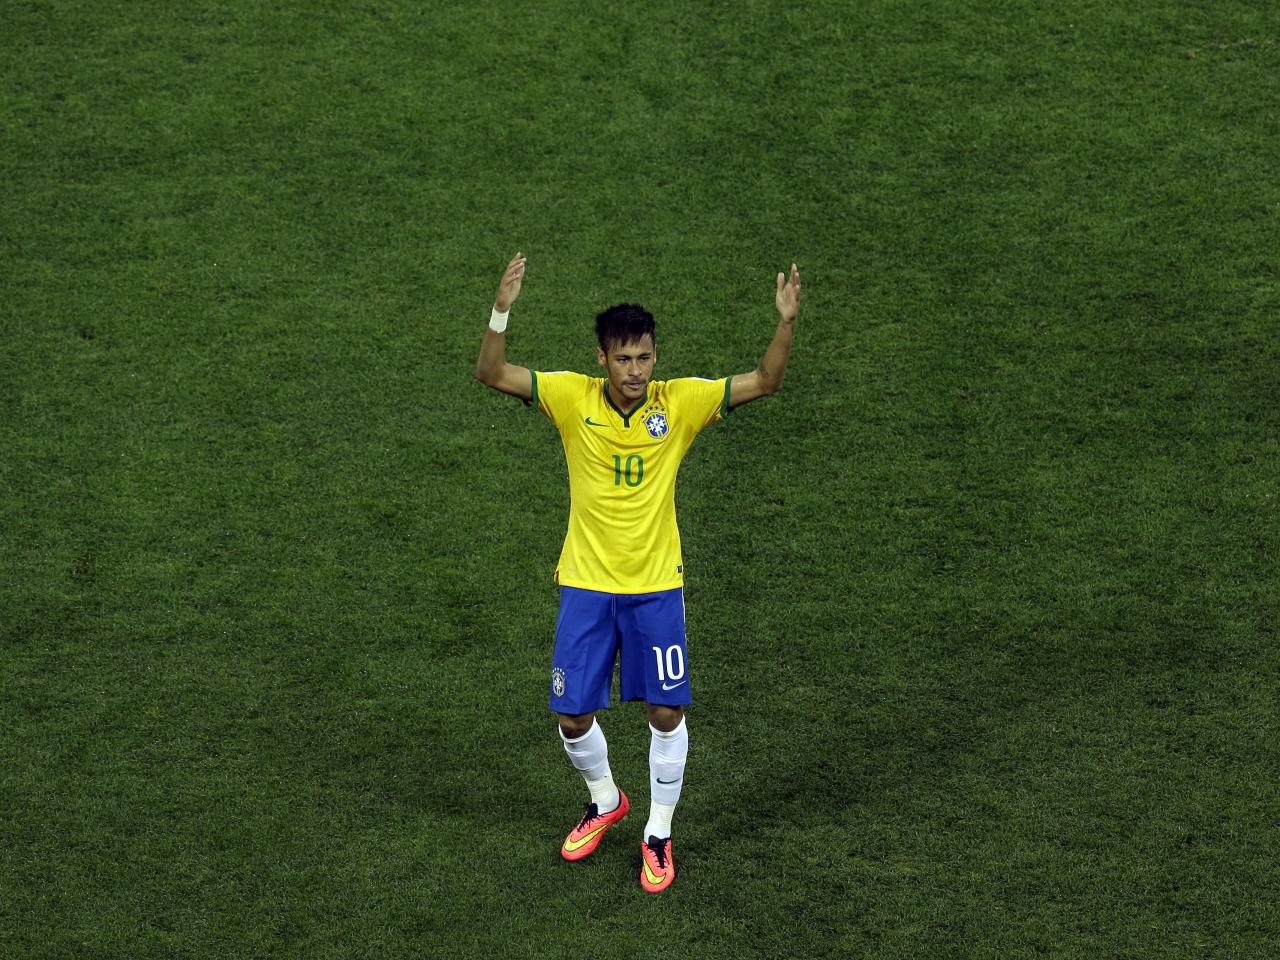 Neymar con la camiseta de Brasil - 1280x960